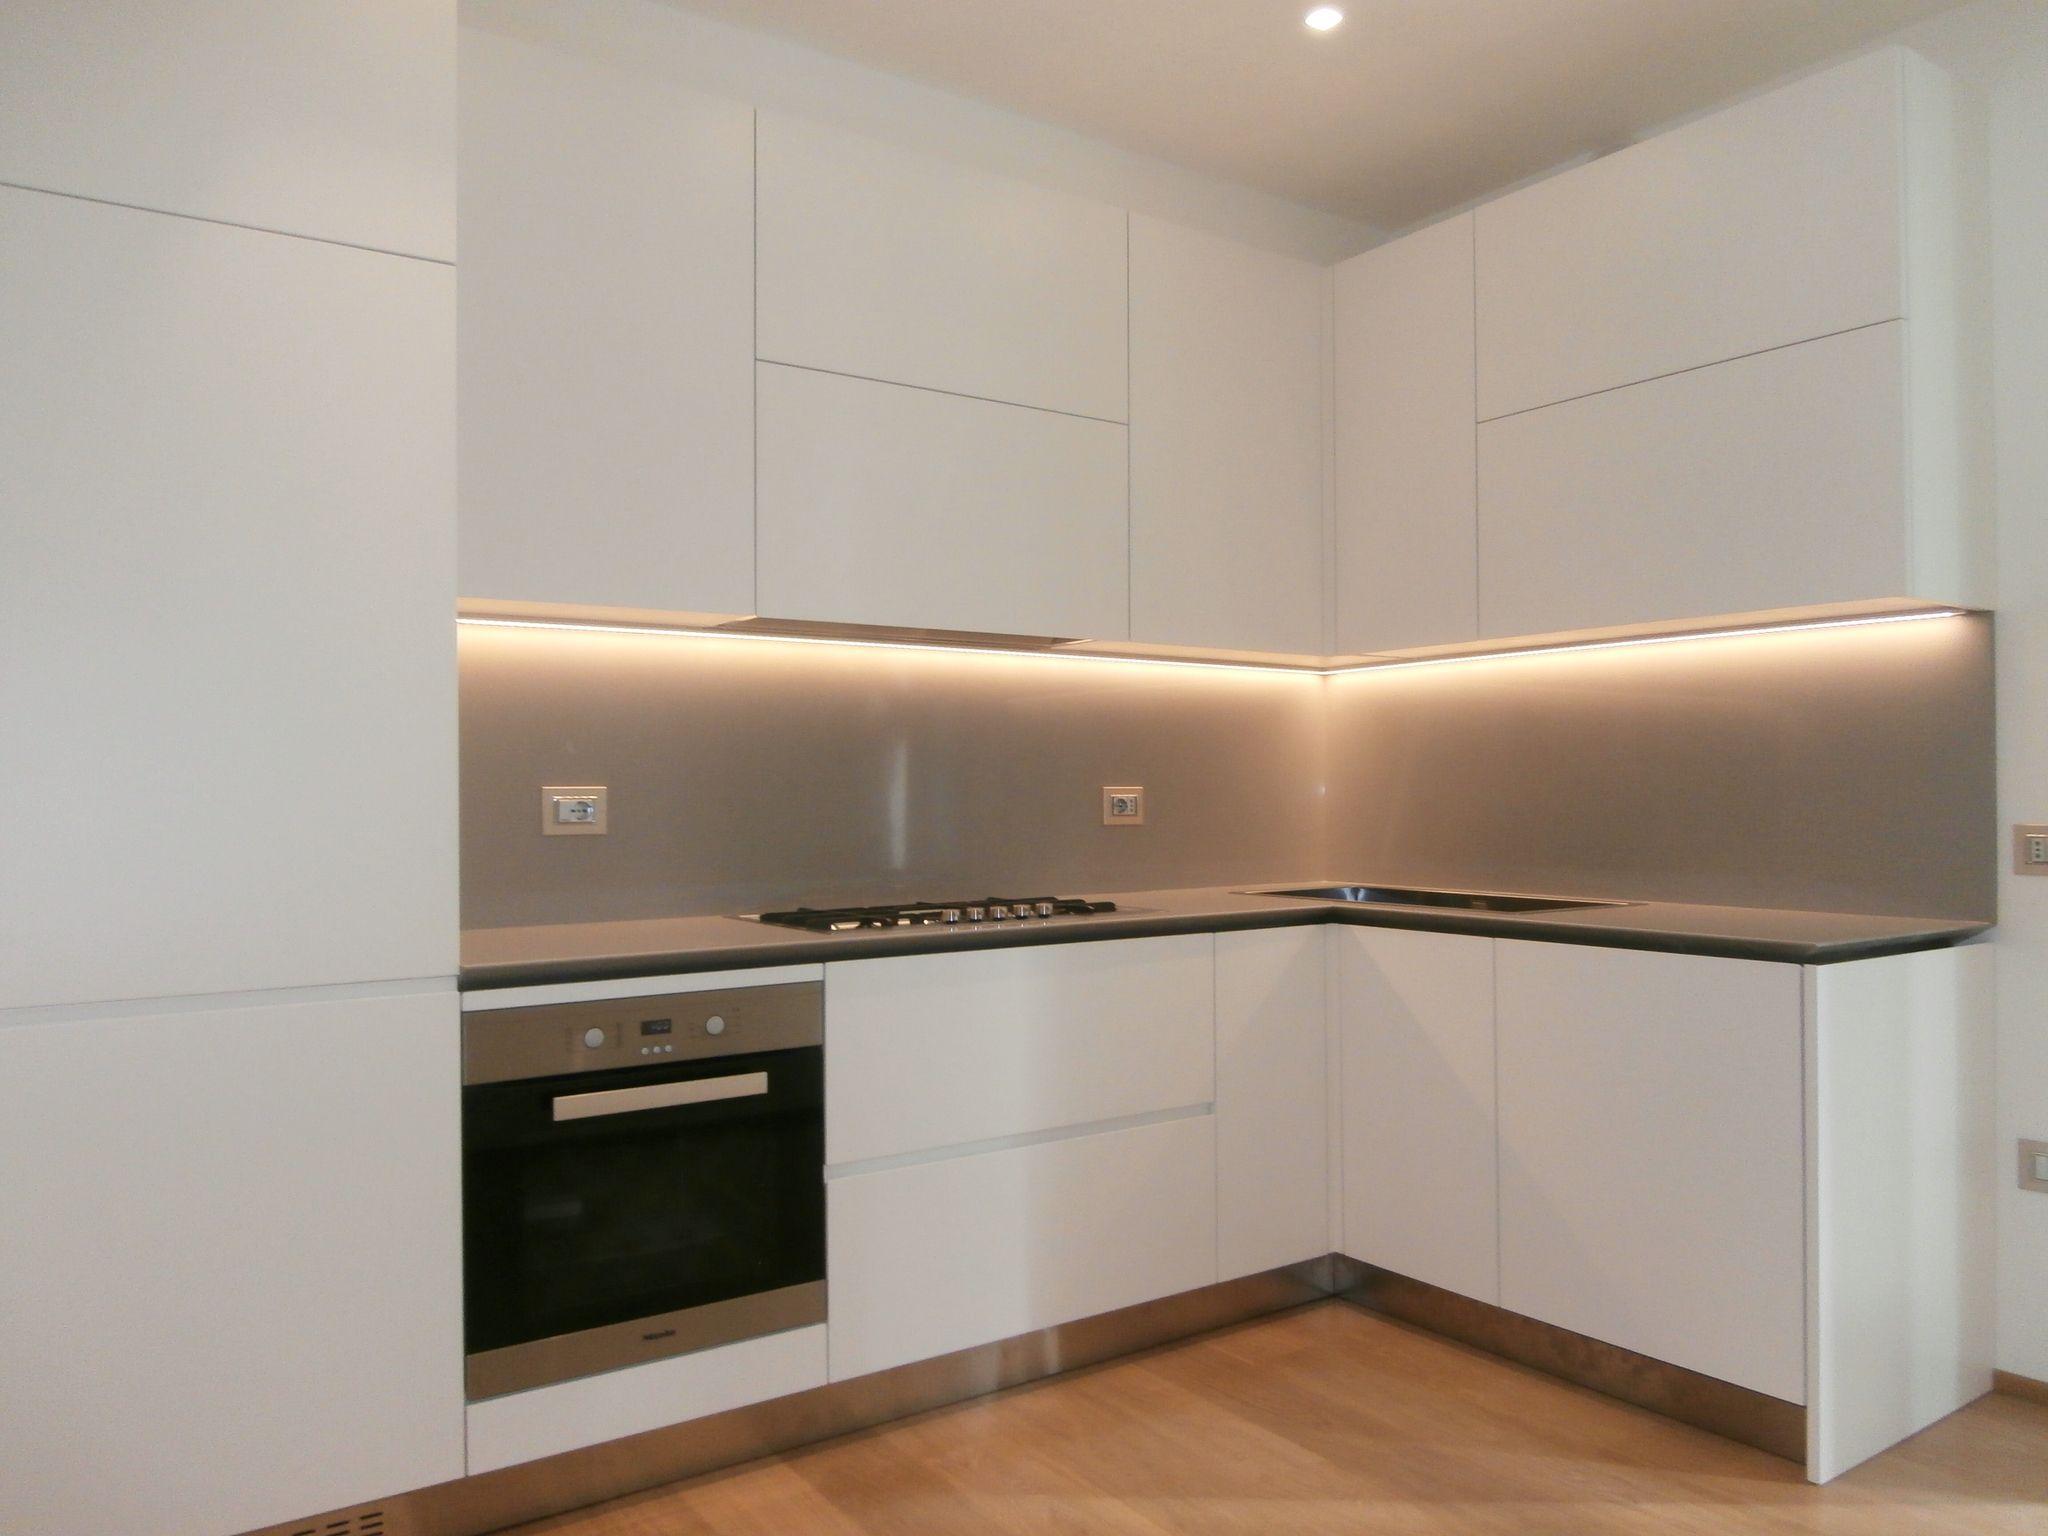 Cucina moderna senza maniglia laccata opaca avorio con - Piano cucina okite ...